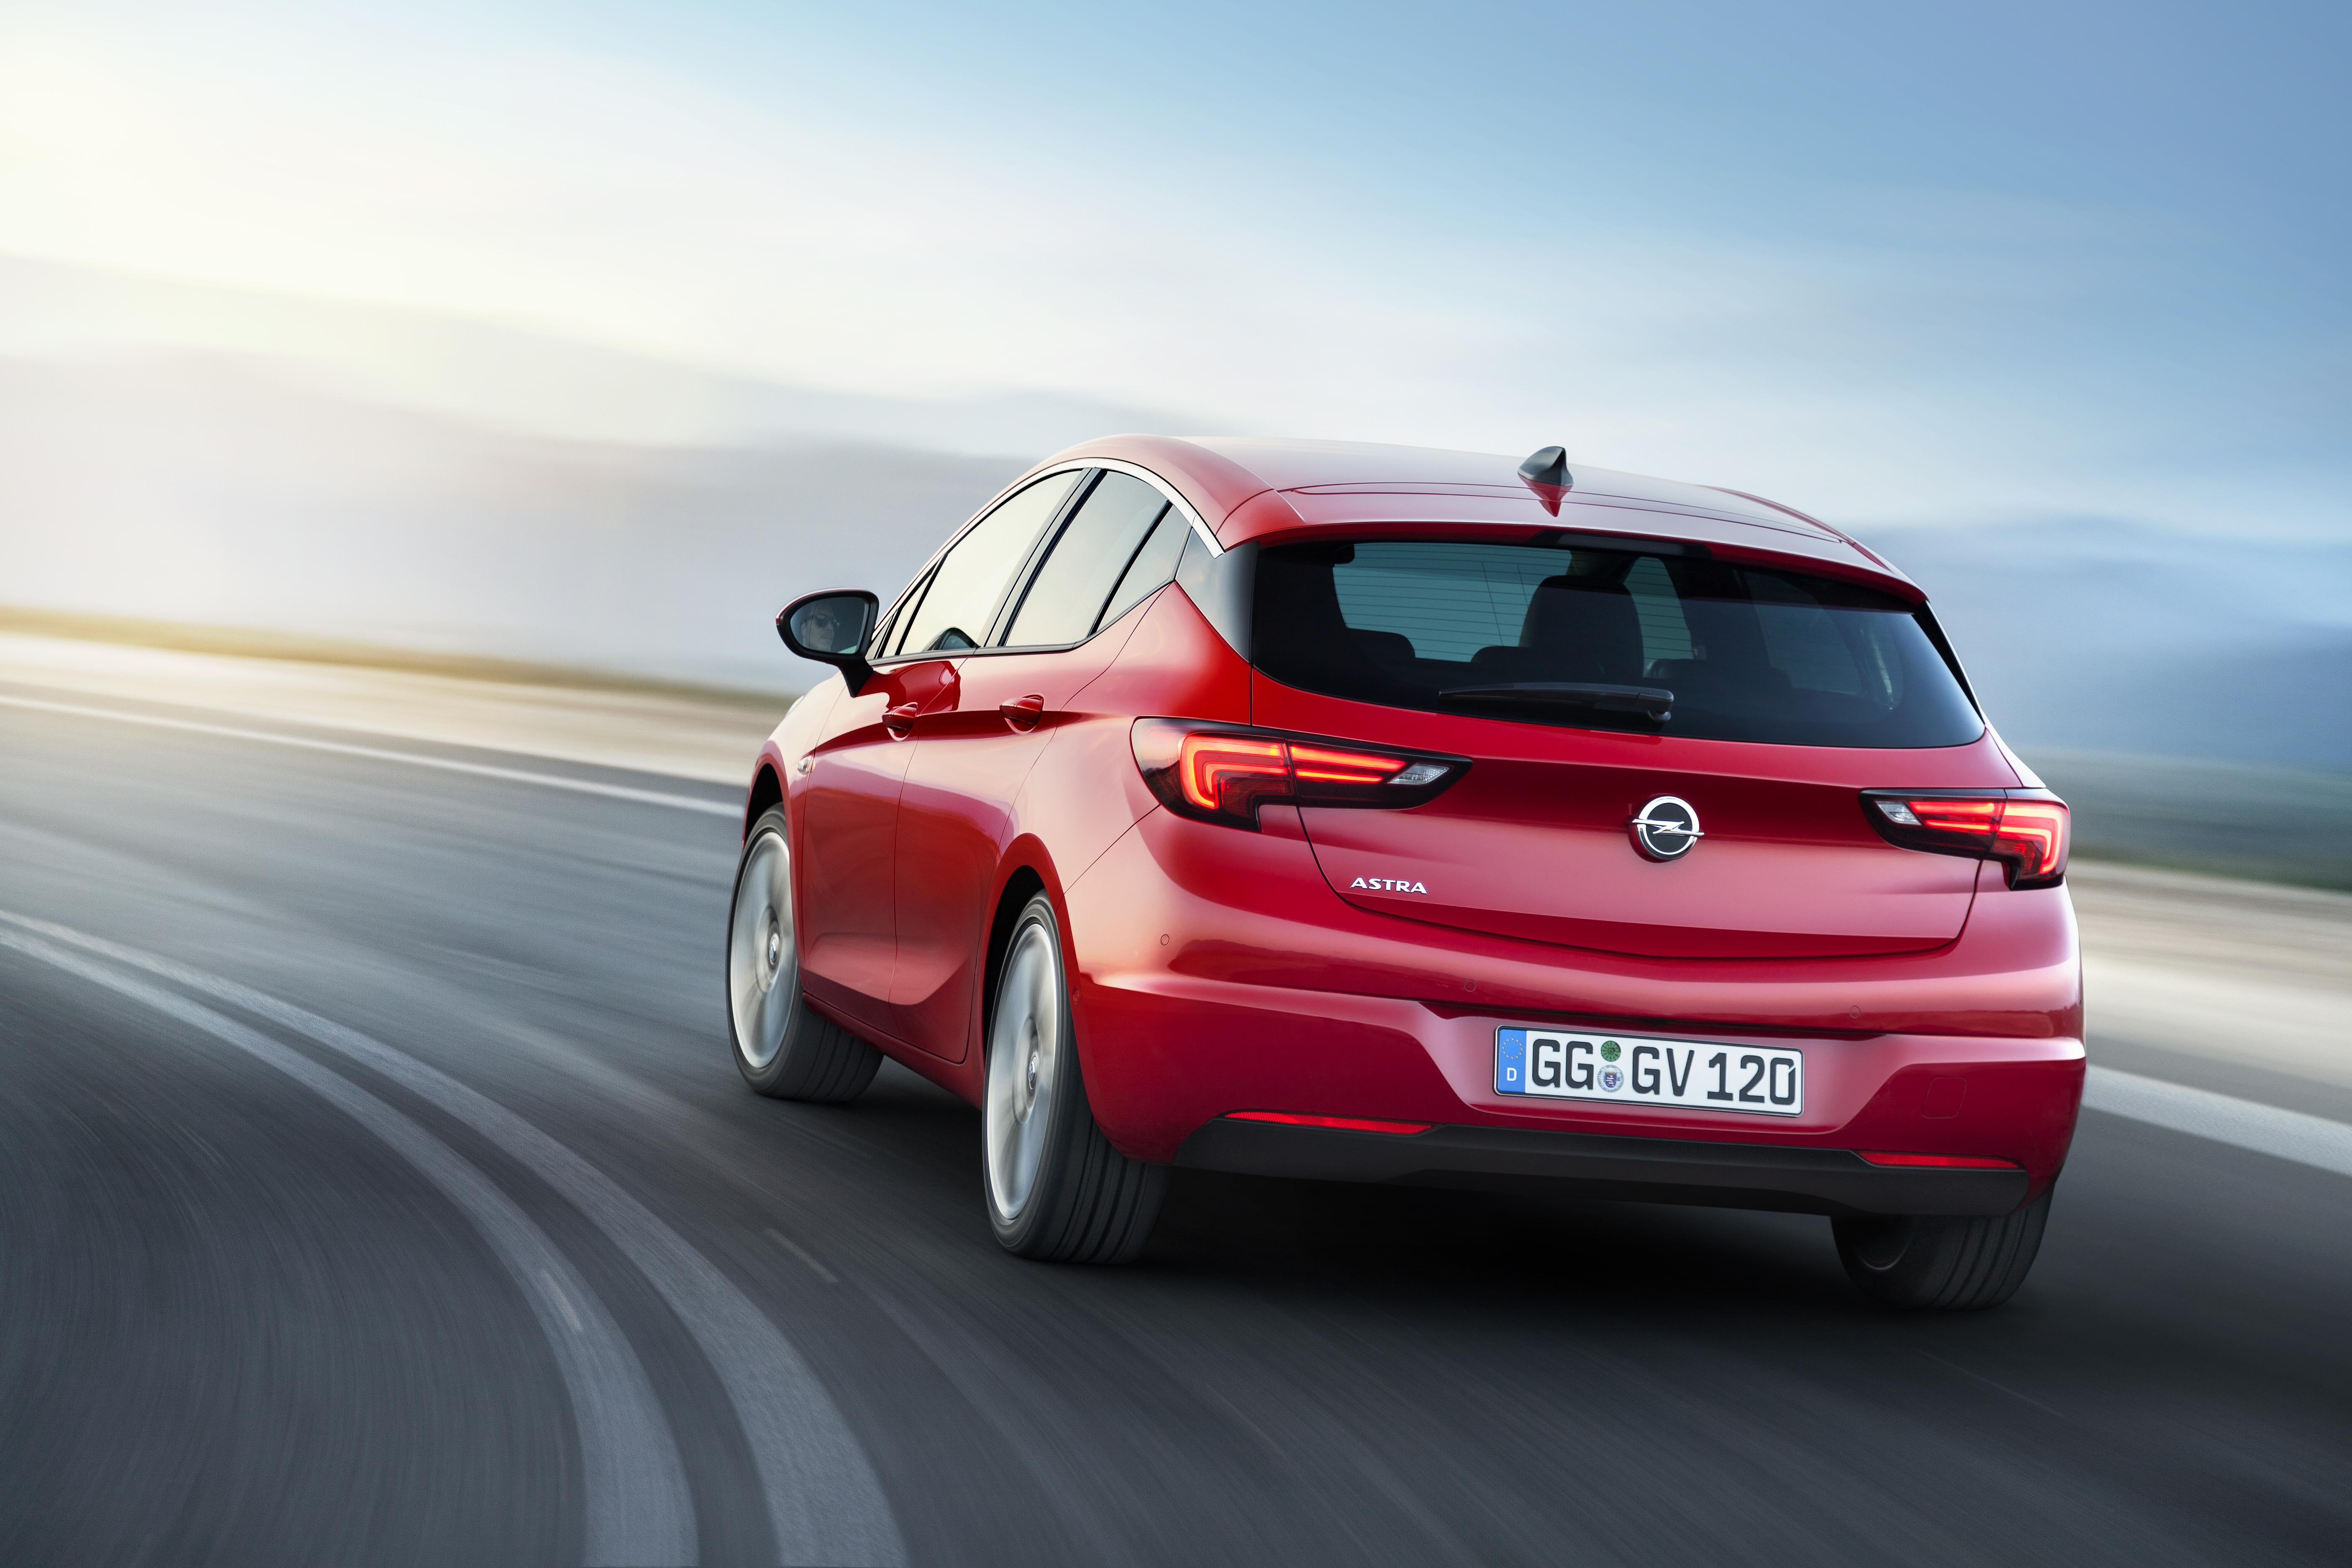 Nuova Opel Astra: nata per divertire